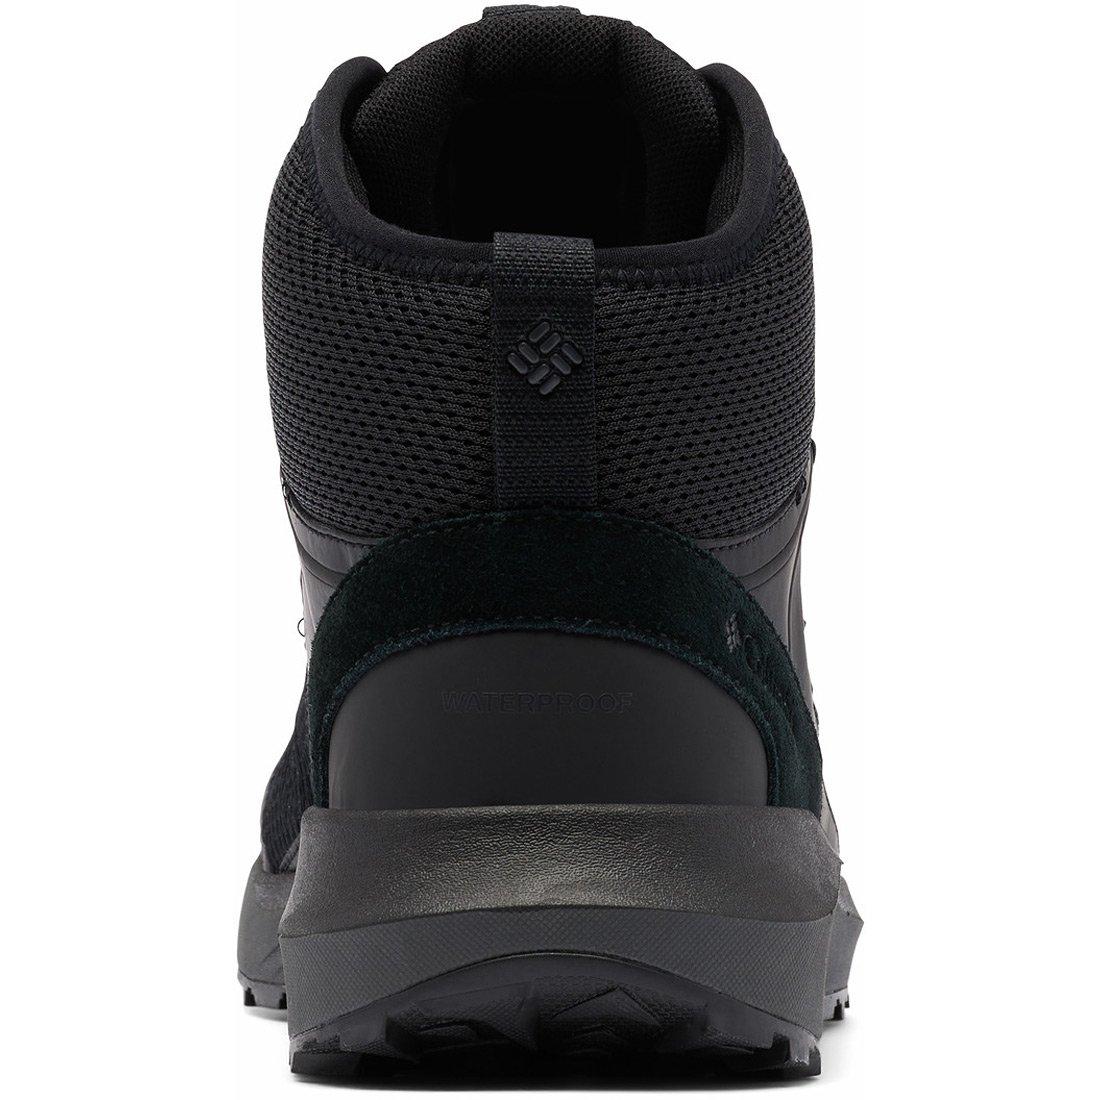 נעליים לגברים - Trailstorm Mid Waterproof M - Columbia